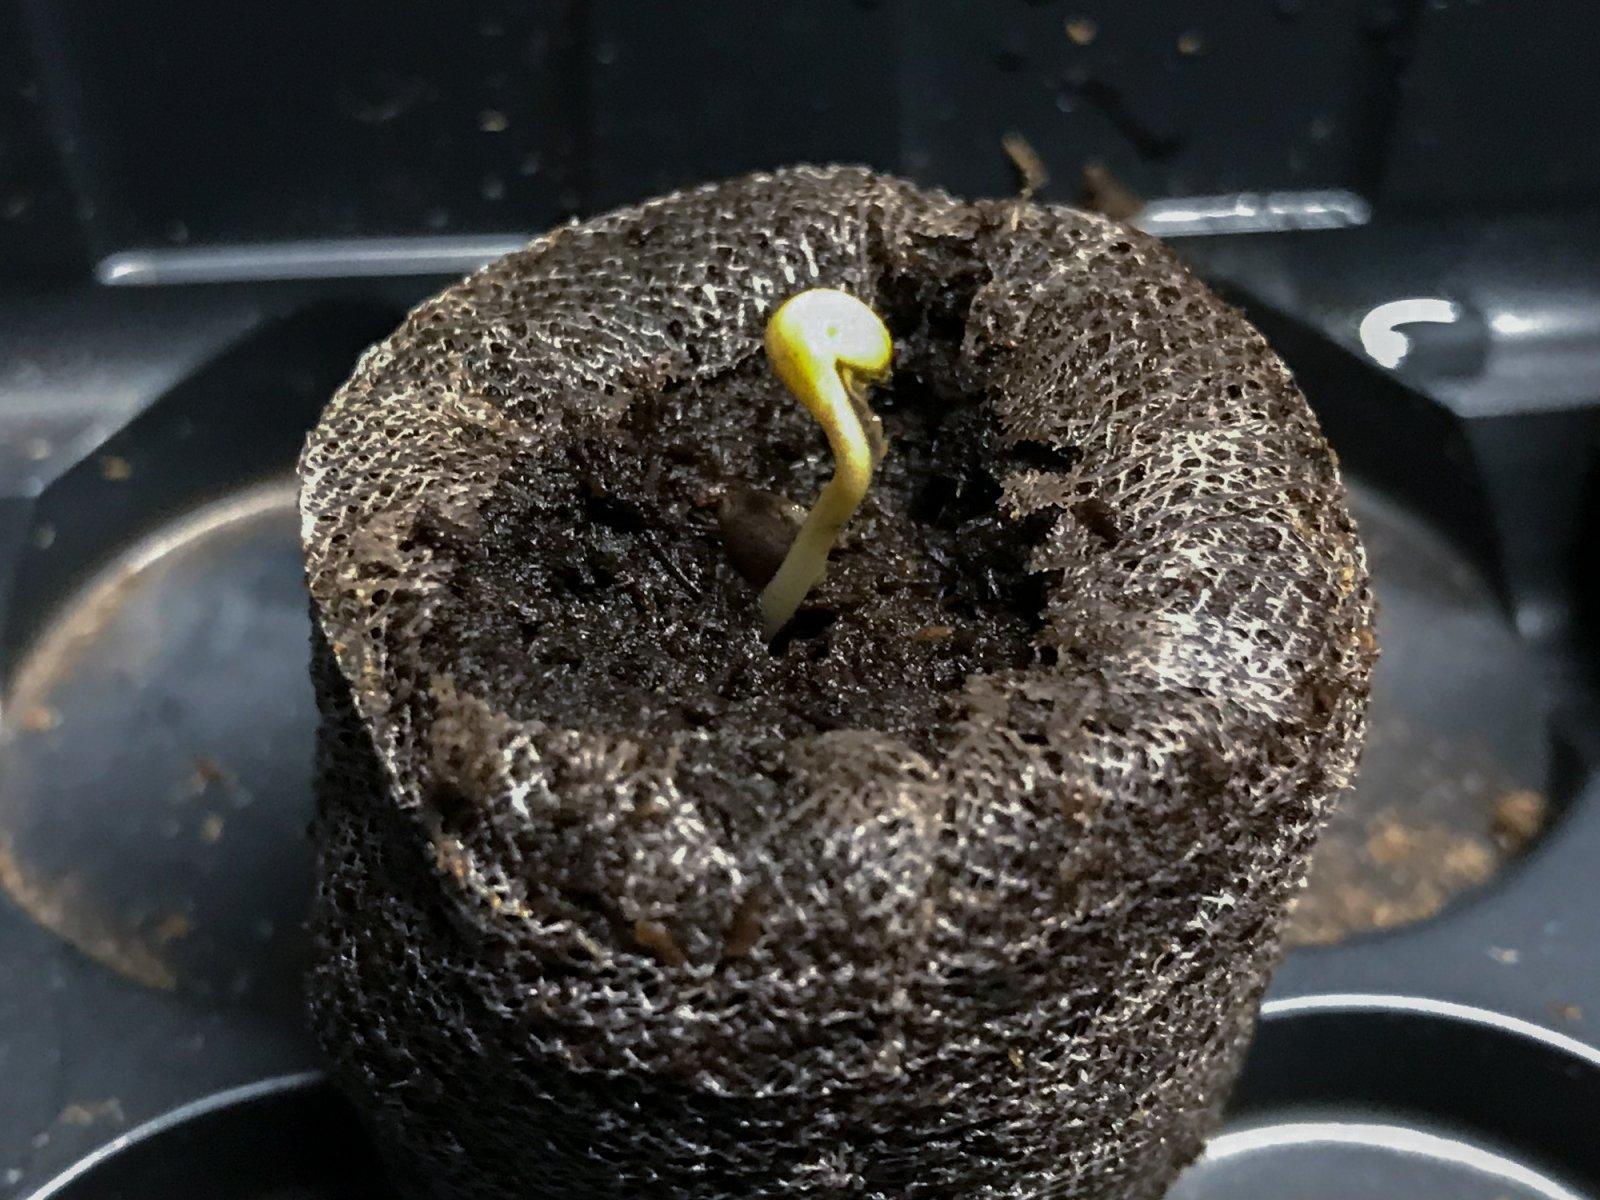 seedling 04292021-6.jpg